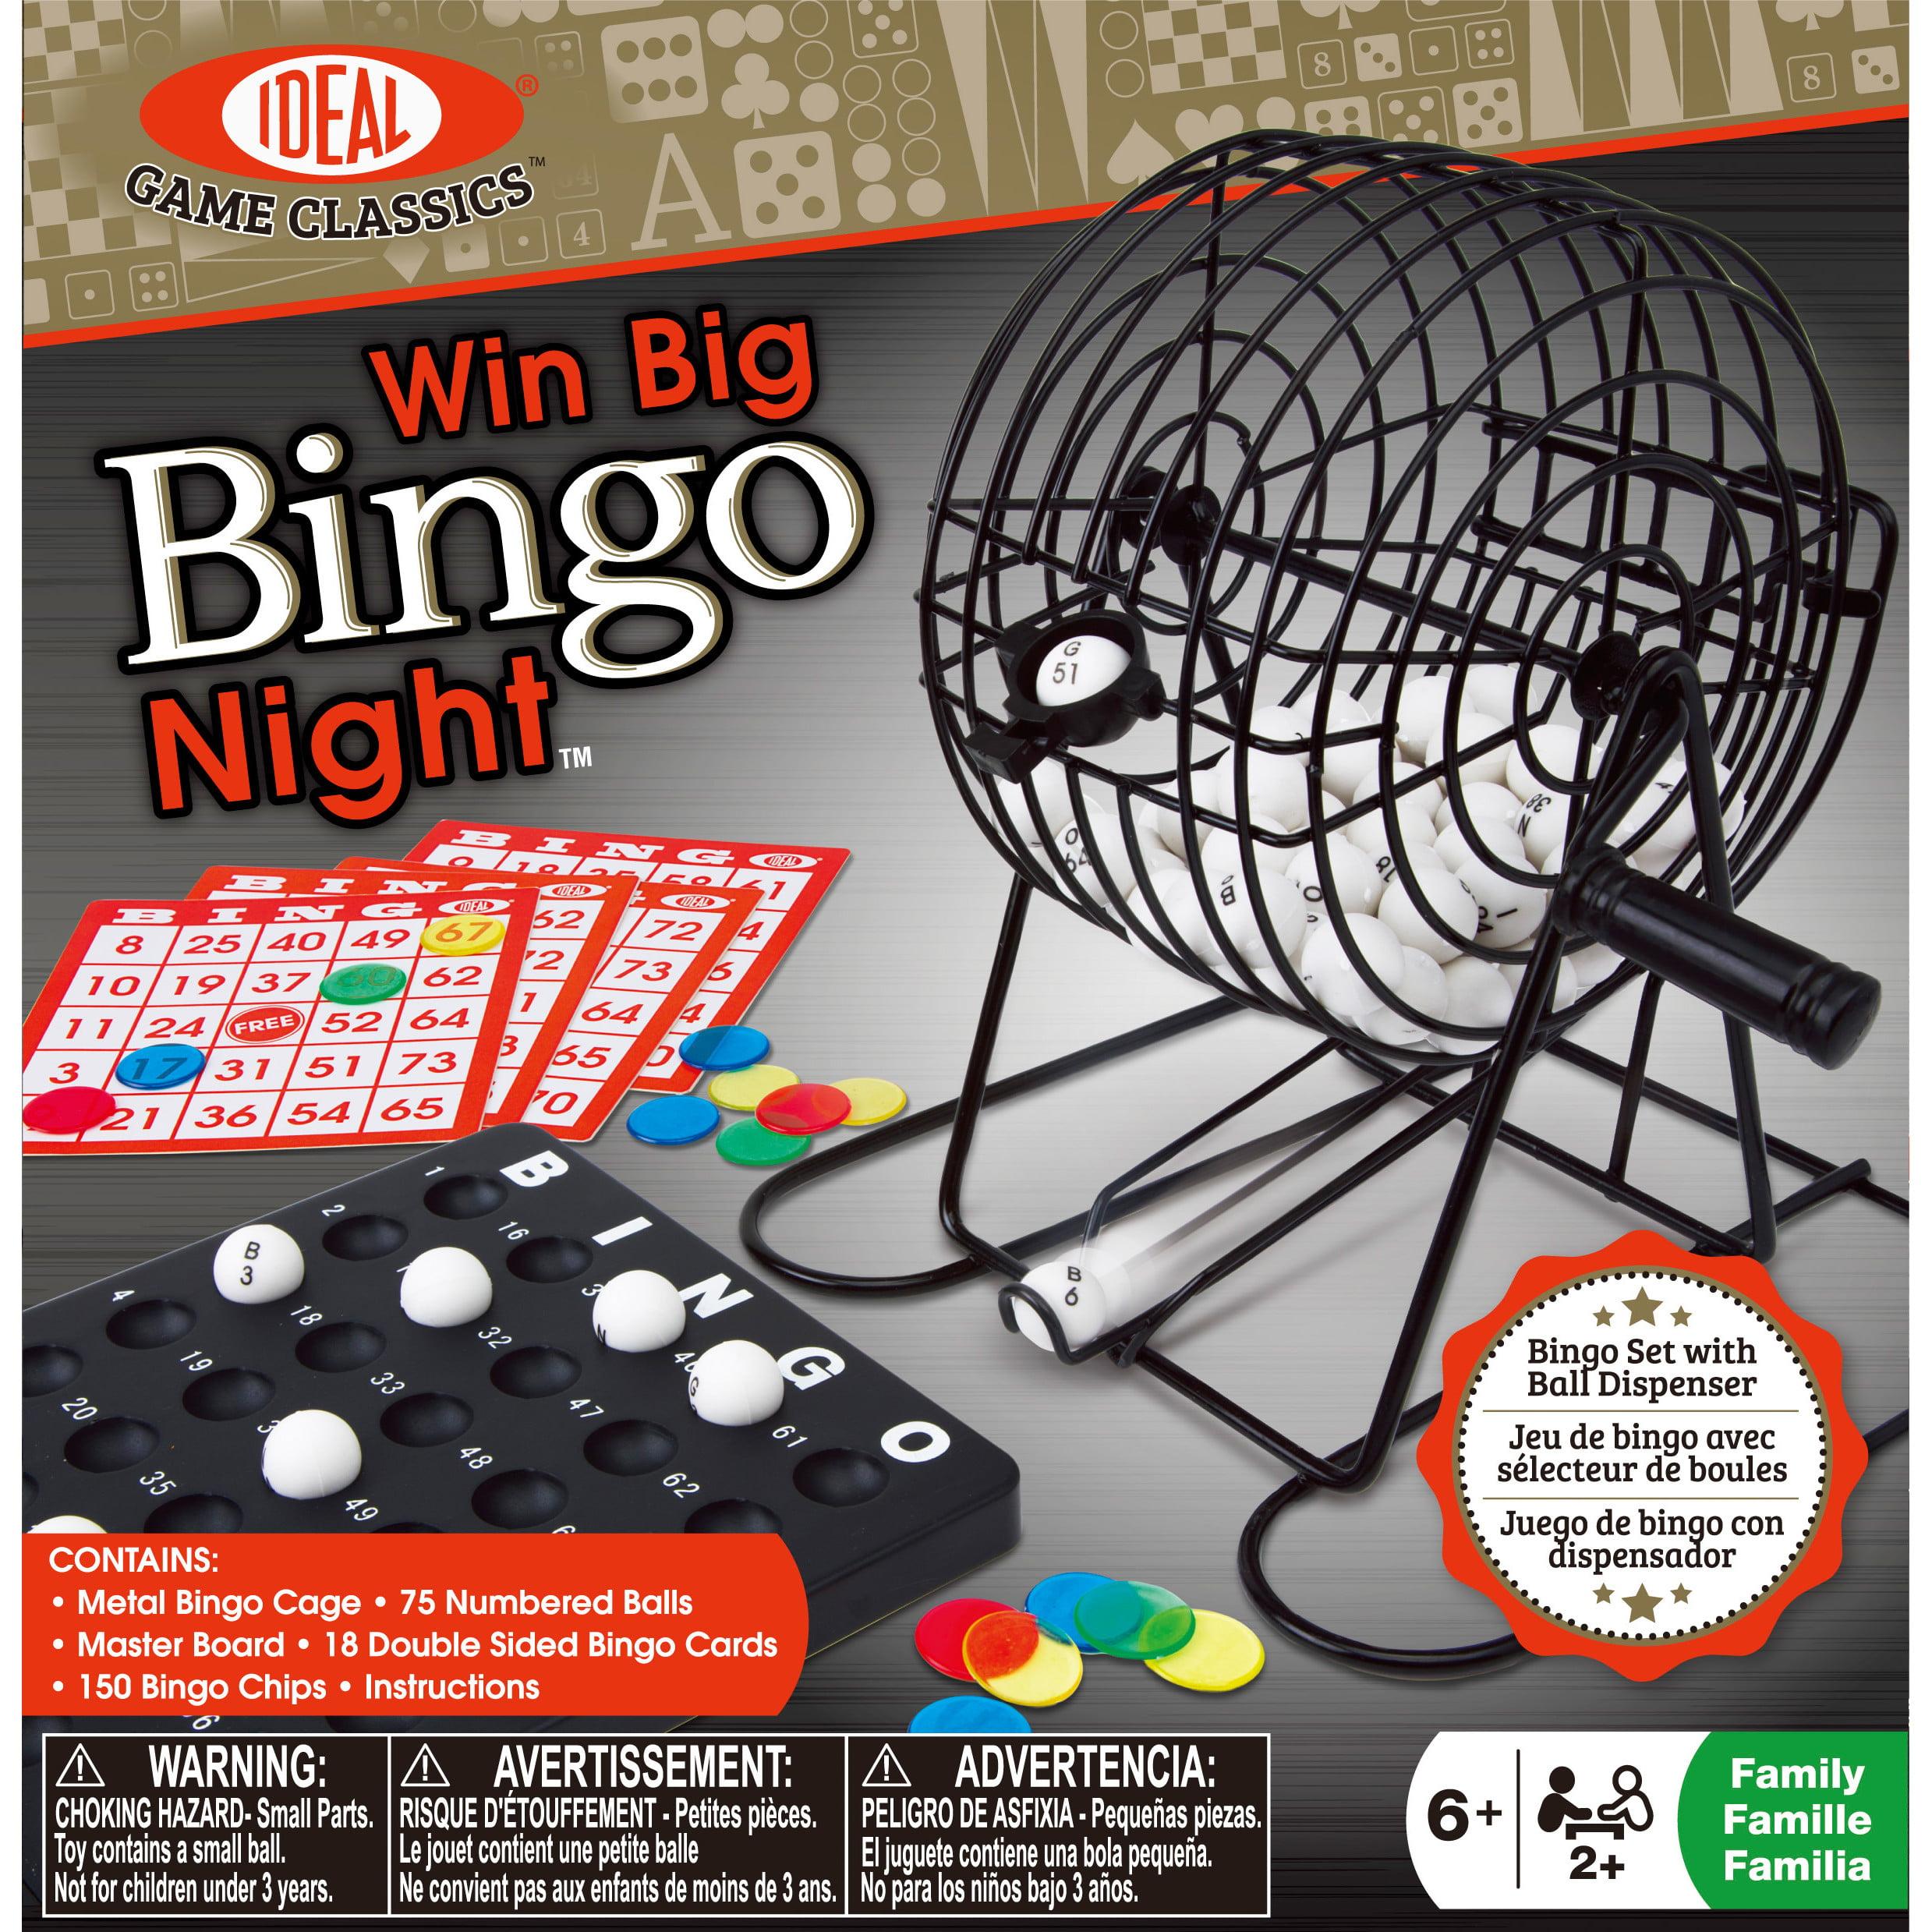 Ideal Win Big Bingo Night